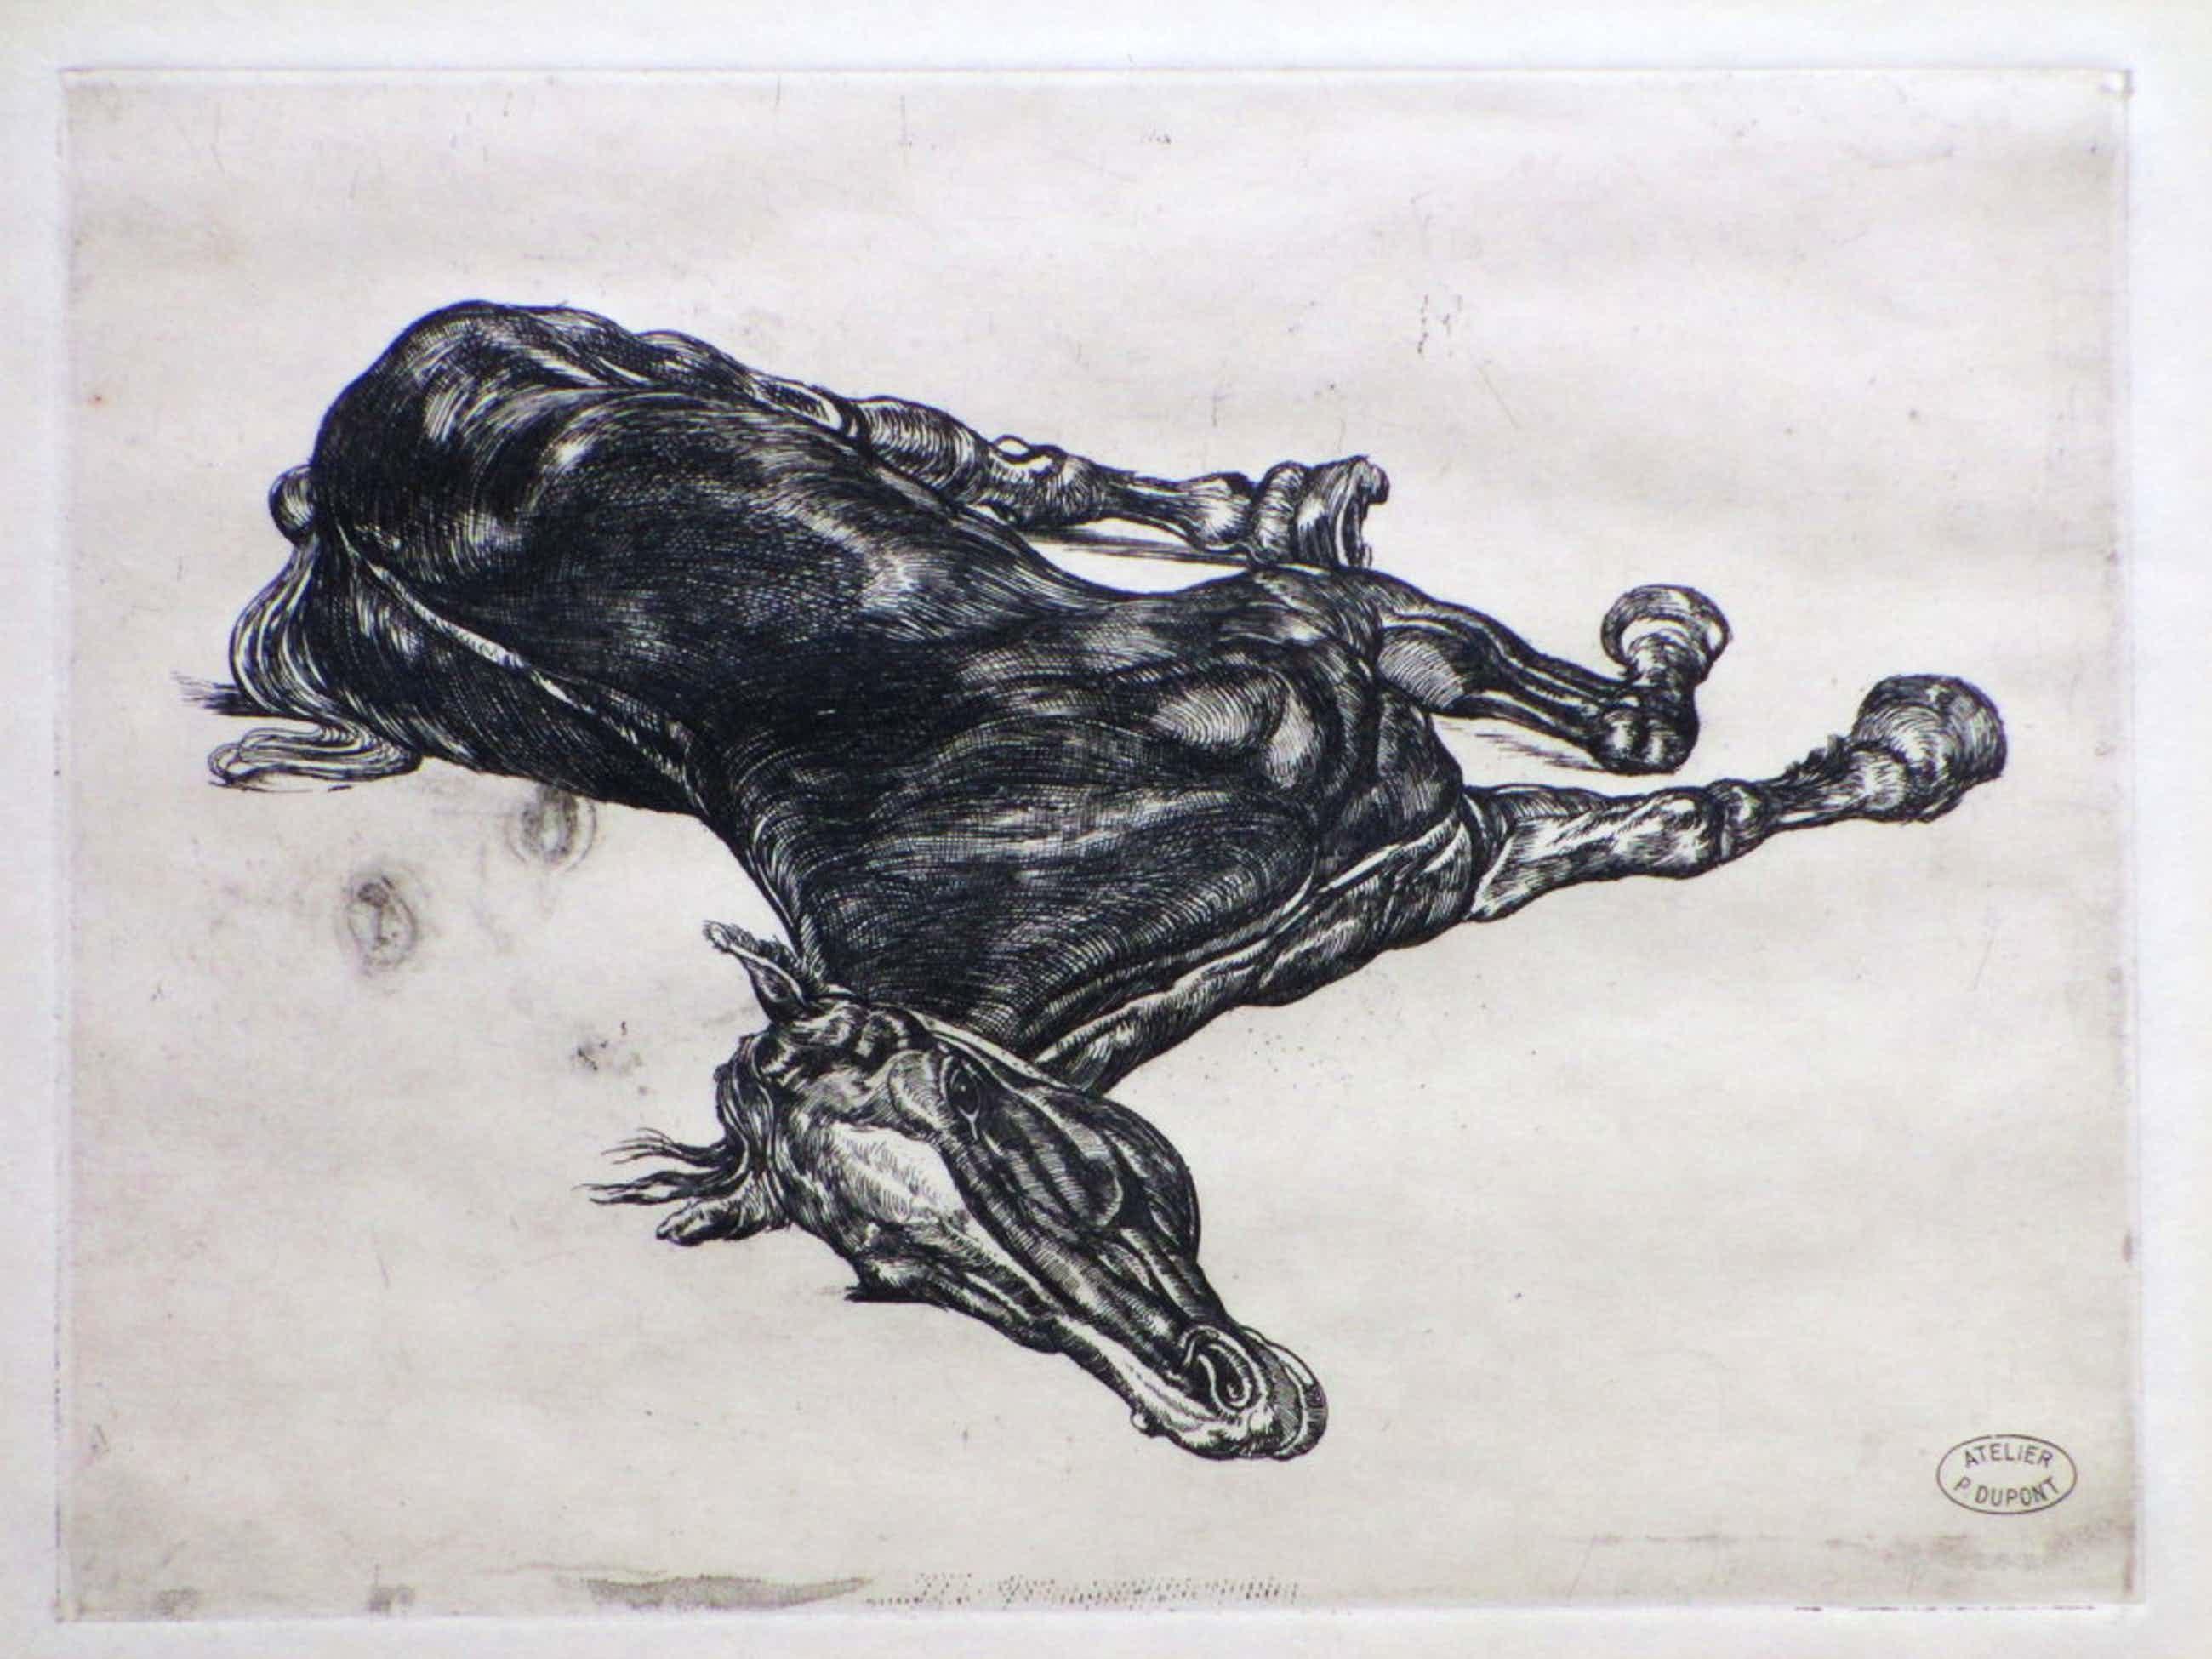 Pieter Dupont, Het doode paard, Ets op koper kopen? Bied vanaf 60!